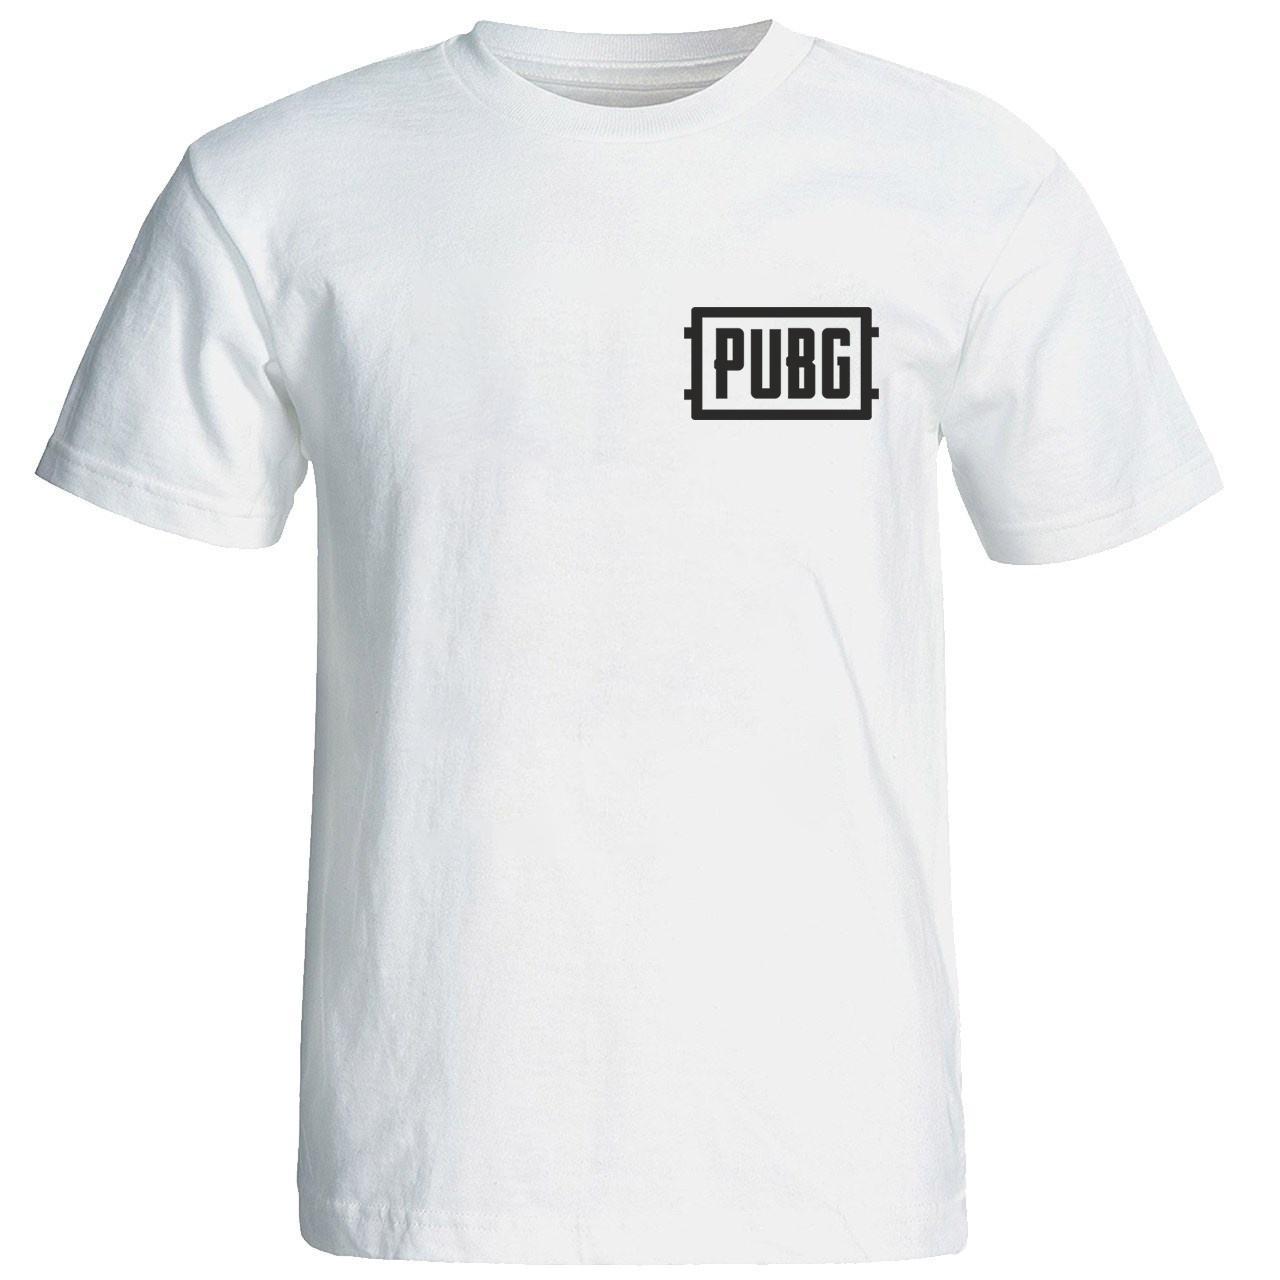 تیشرت آستین کوتاه مردانه طرح Pubg کد 1181